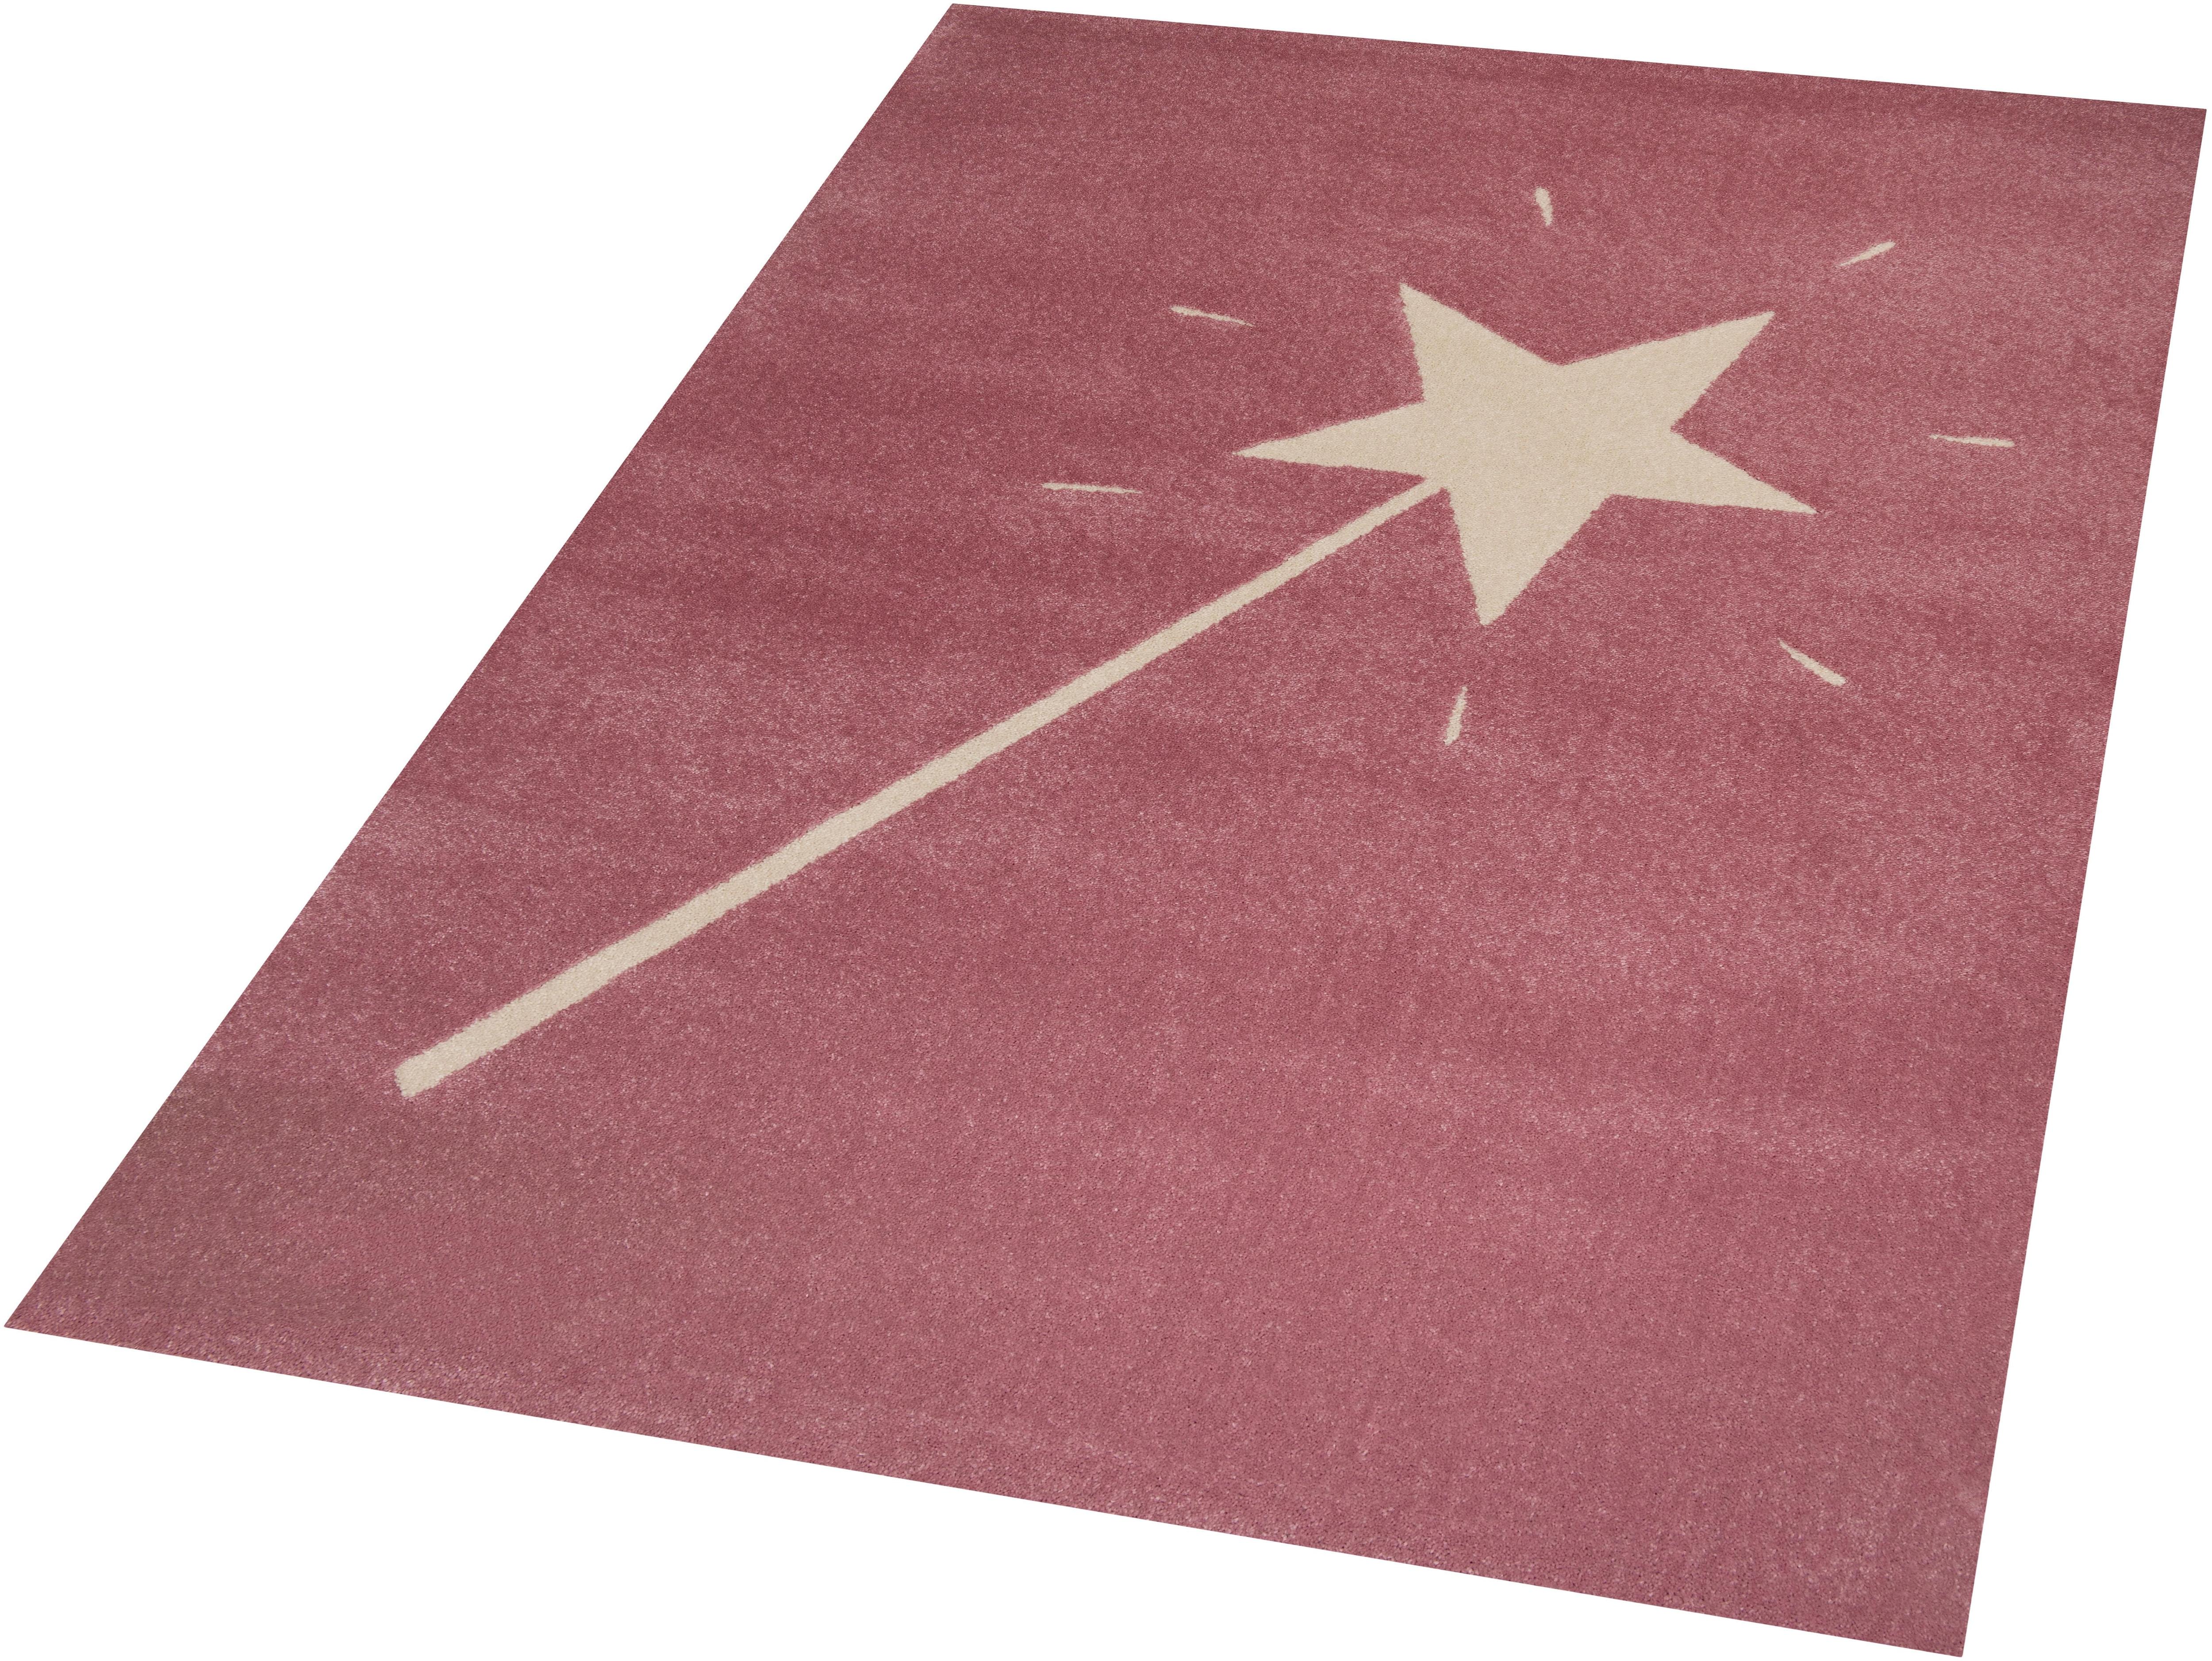 Kinderteppich Magic Stick Zala Living rechteckig Höhe 12 mm maschinell gewebt